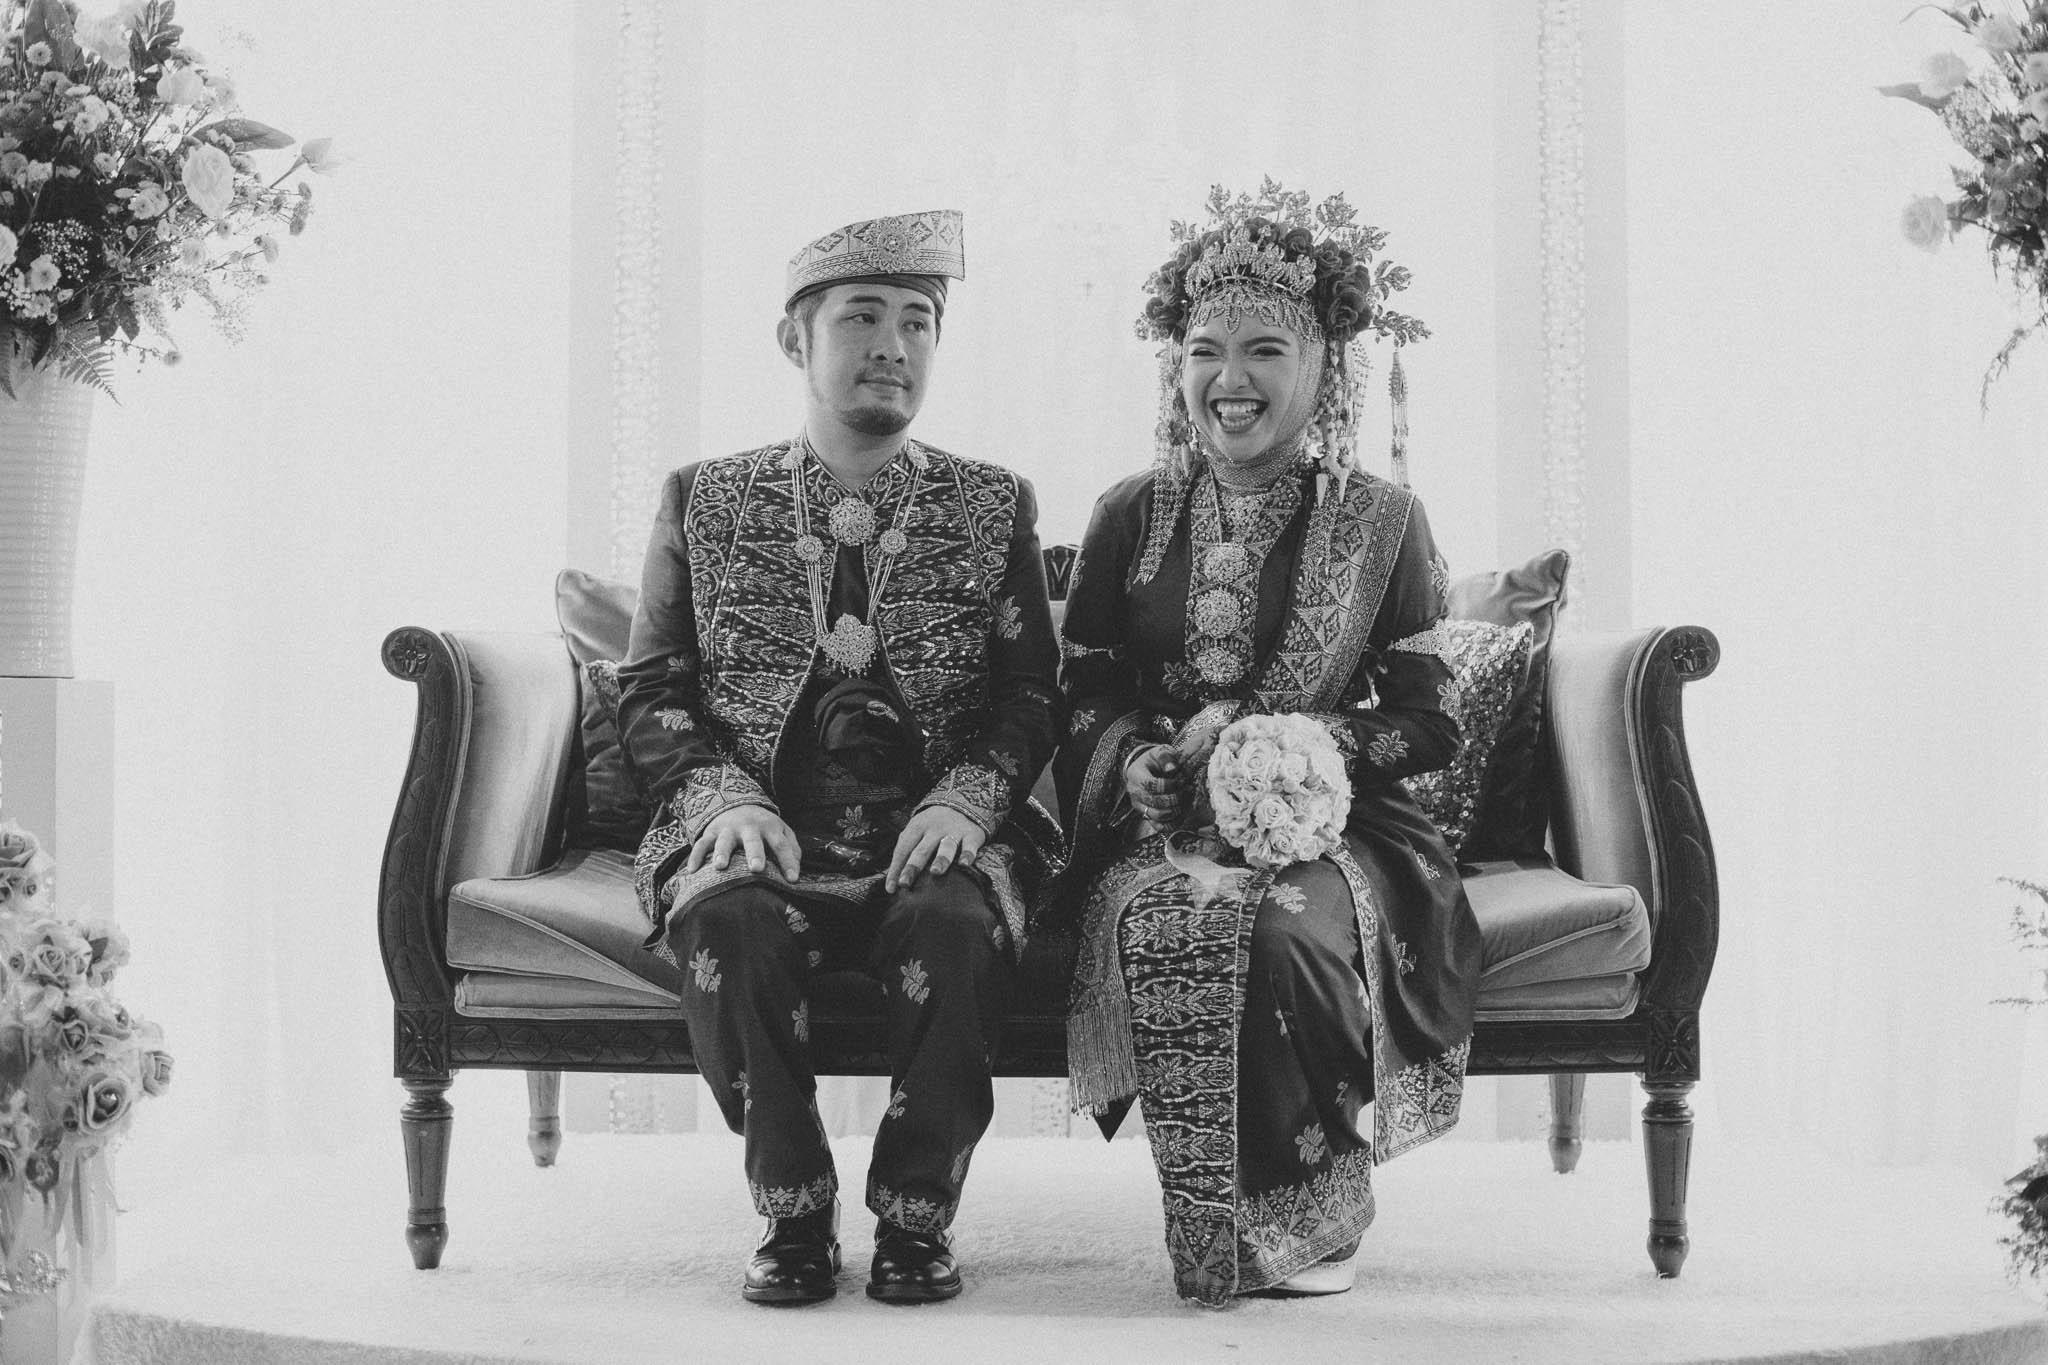 singapore-wedding-photographer-travel-wemadethese-atara-hafizah-55.jpg